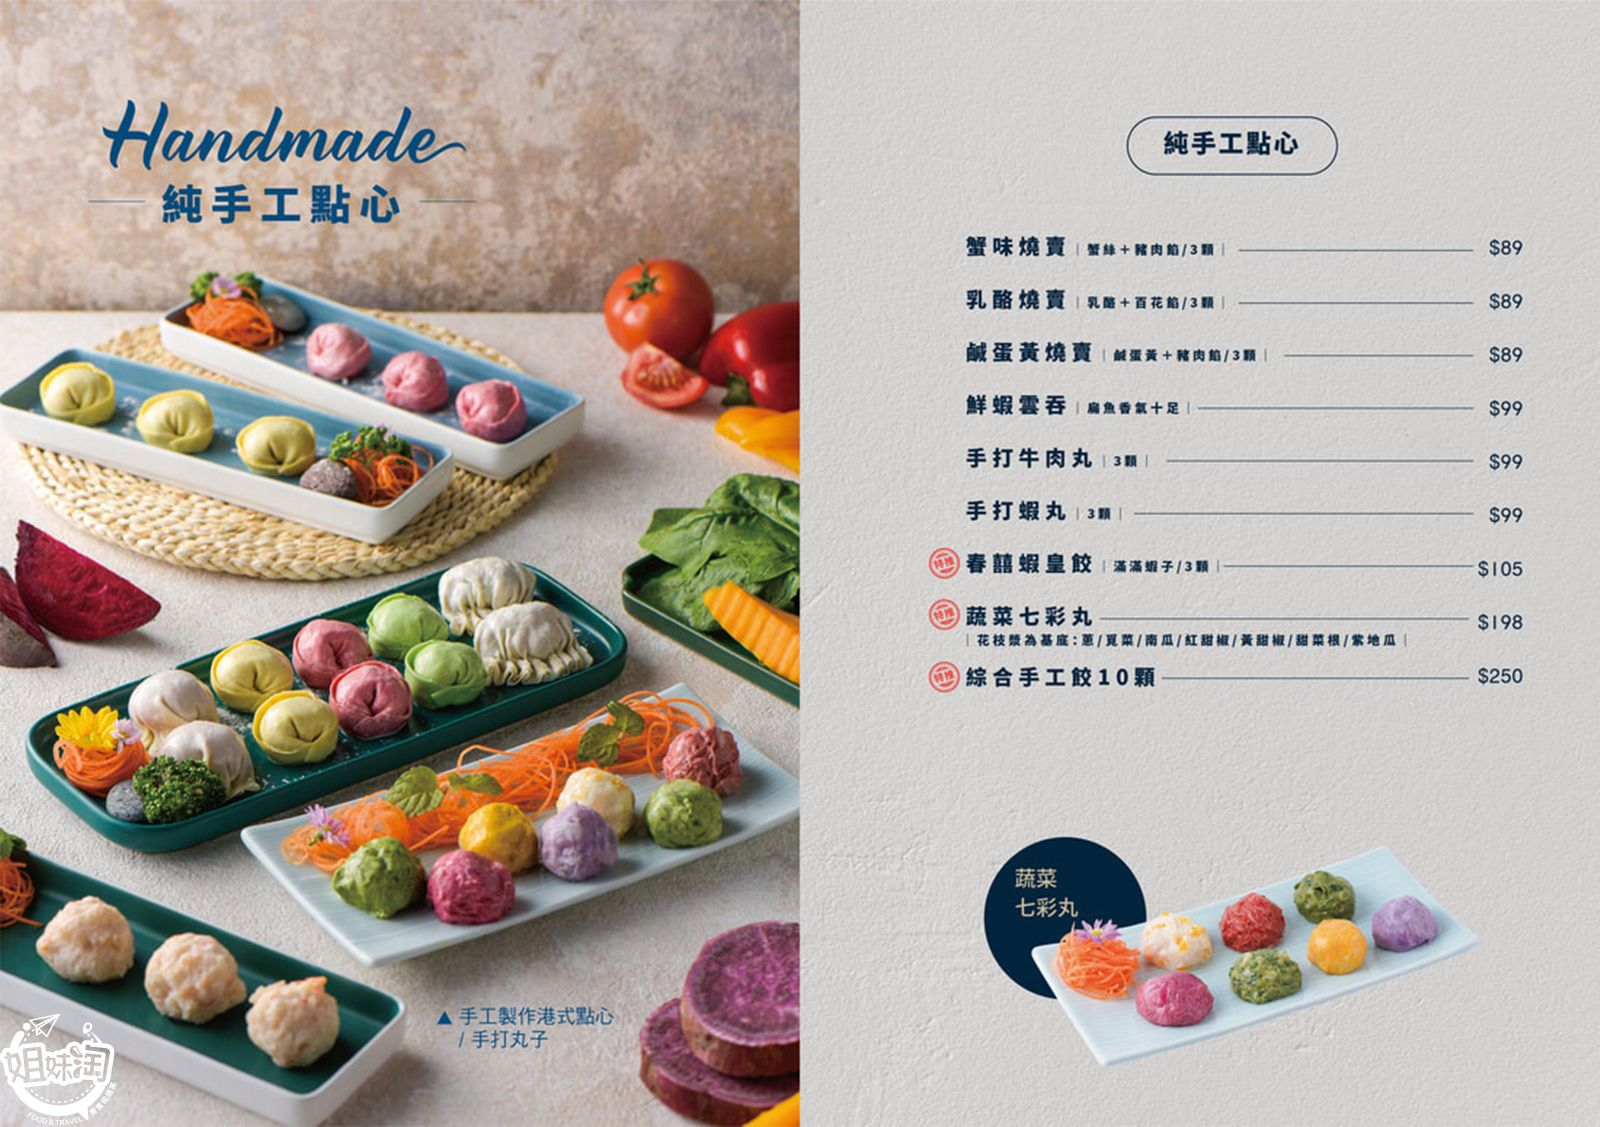 台南市 東區 推薦 美食 火鍋 麻辣鍋 聚餐 春囍打邊爐 獨家 必吃